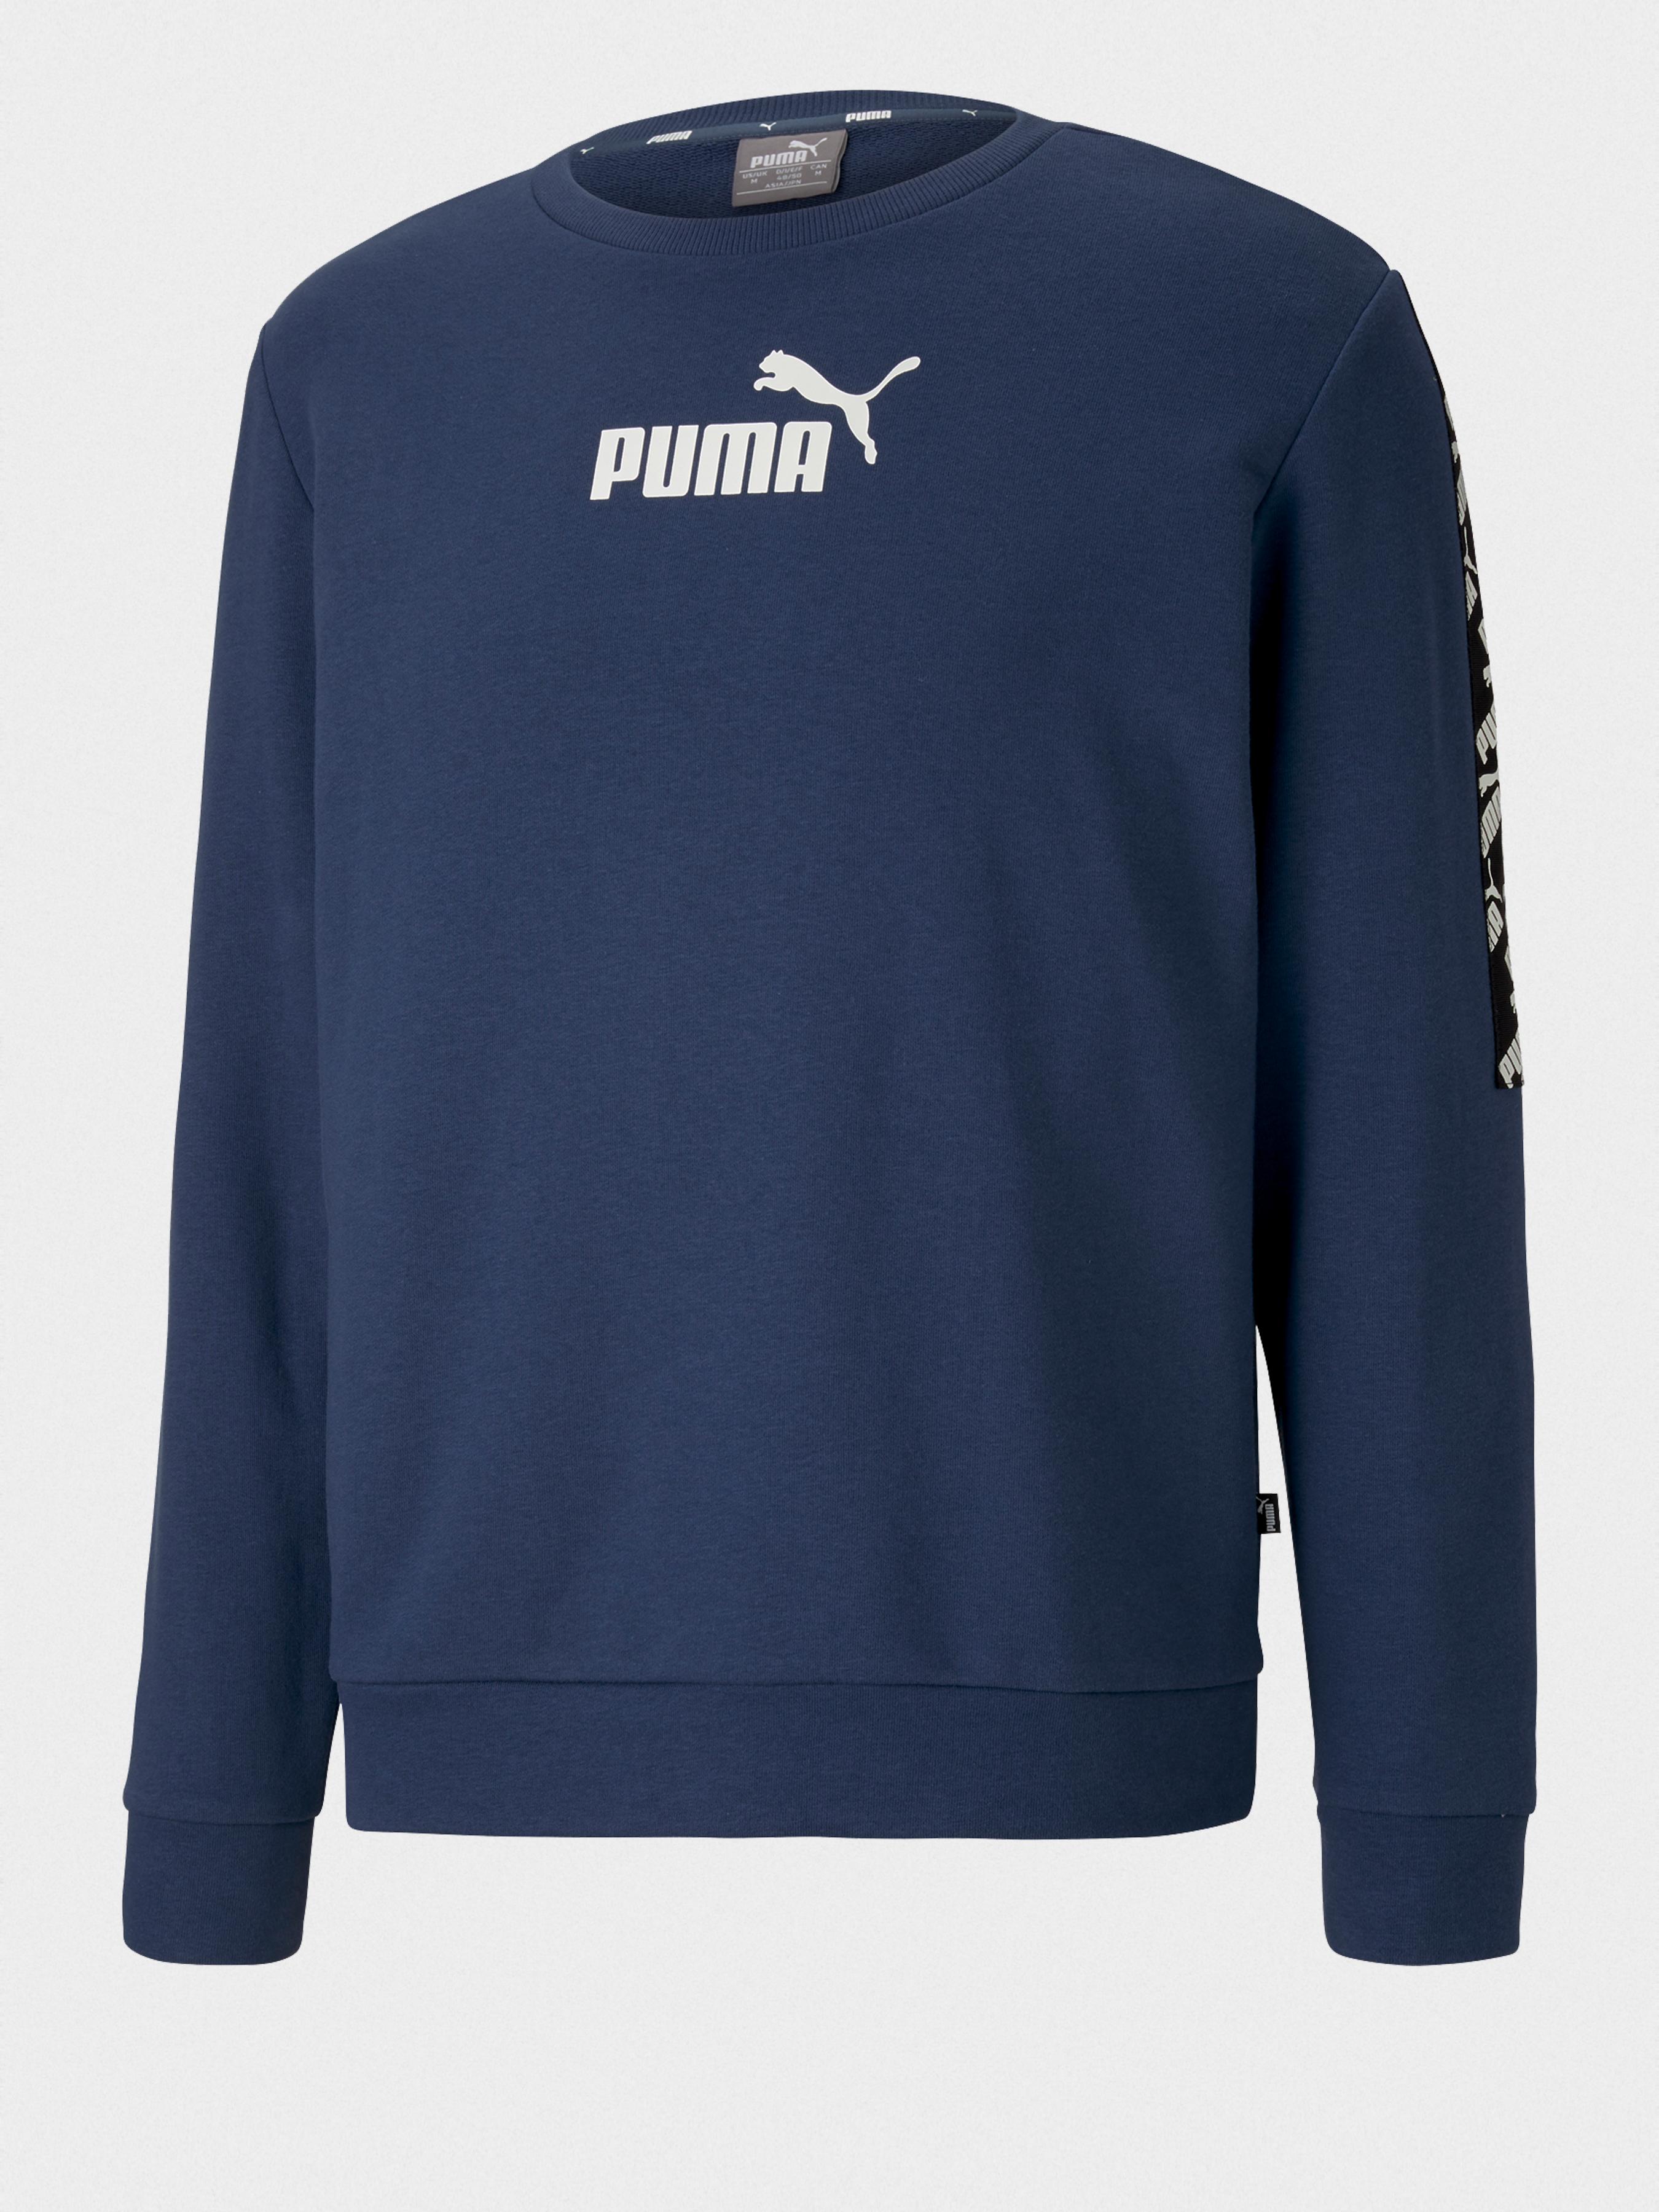 Купить Свитер мужские модель 9Z148, PUMA, Синий